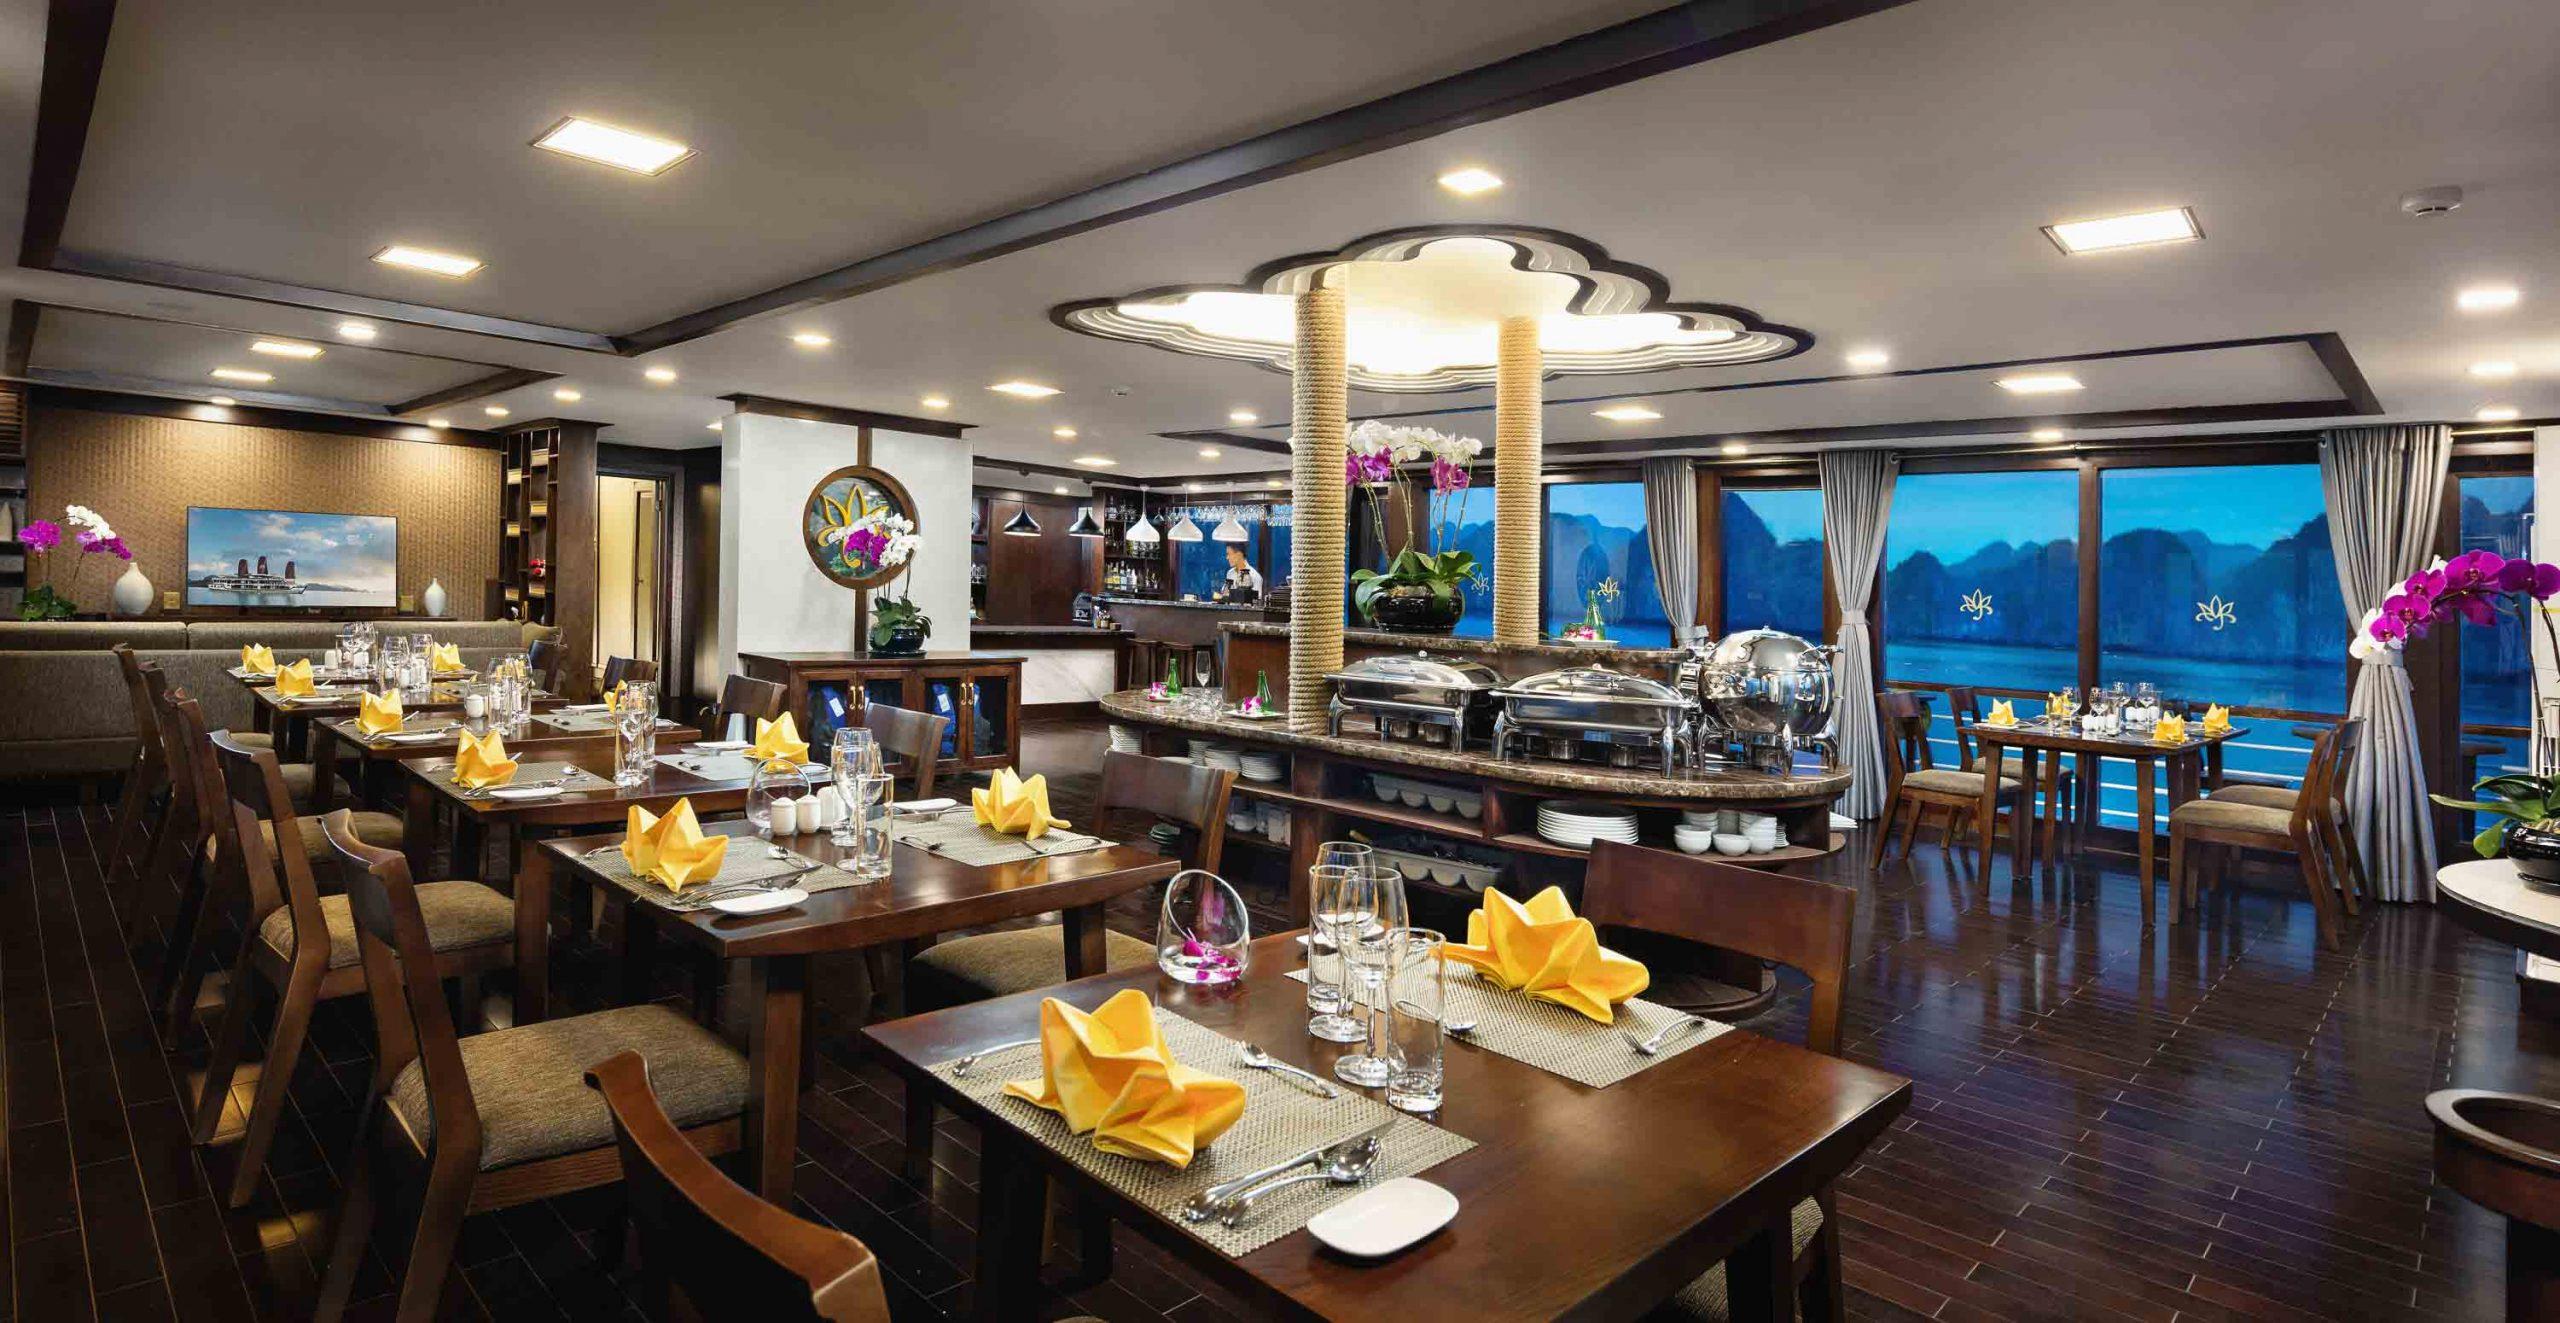 orchid-classic-restaurant